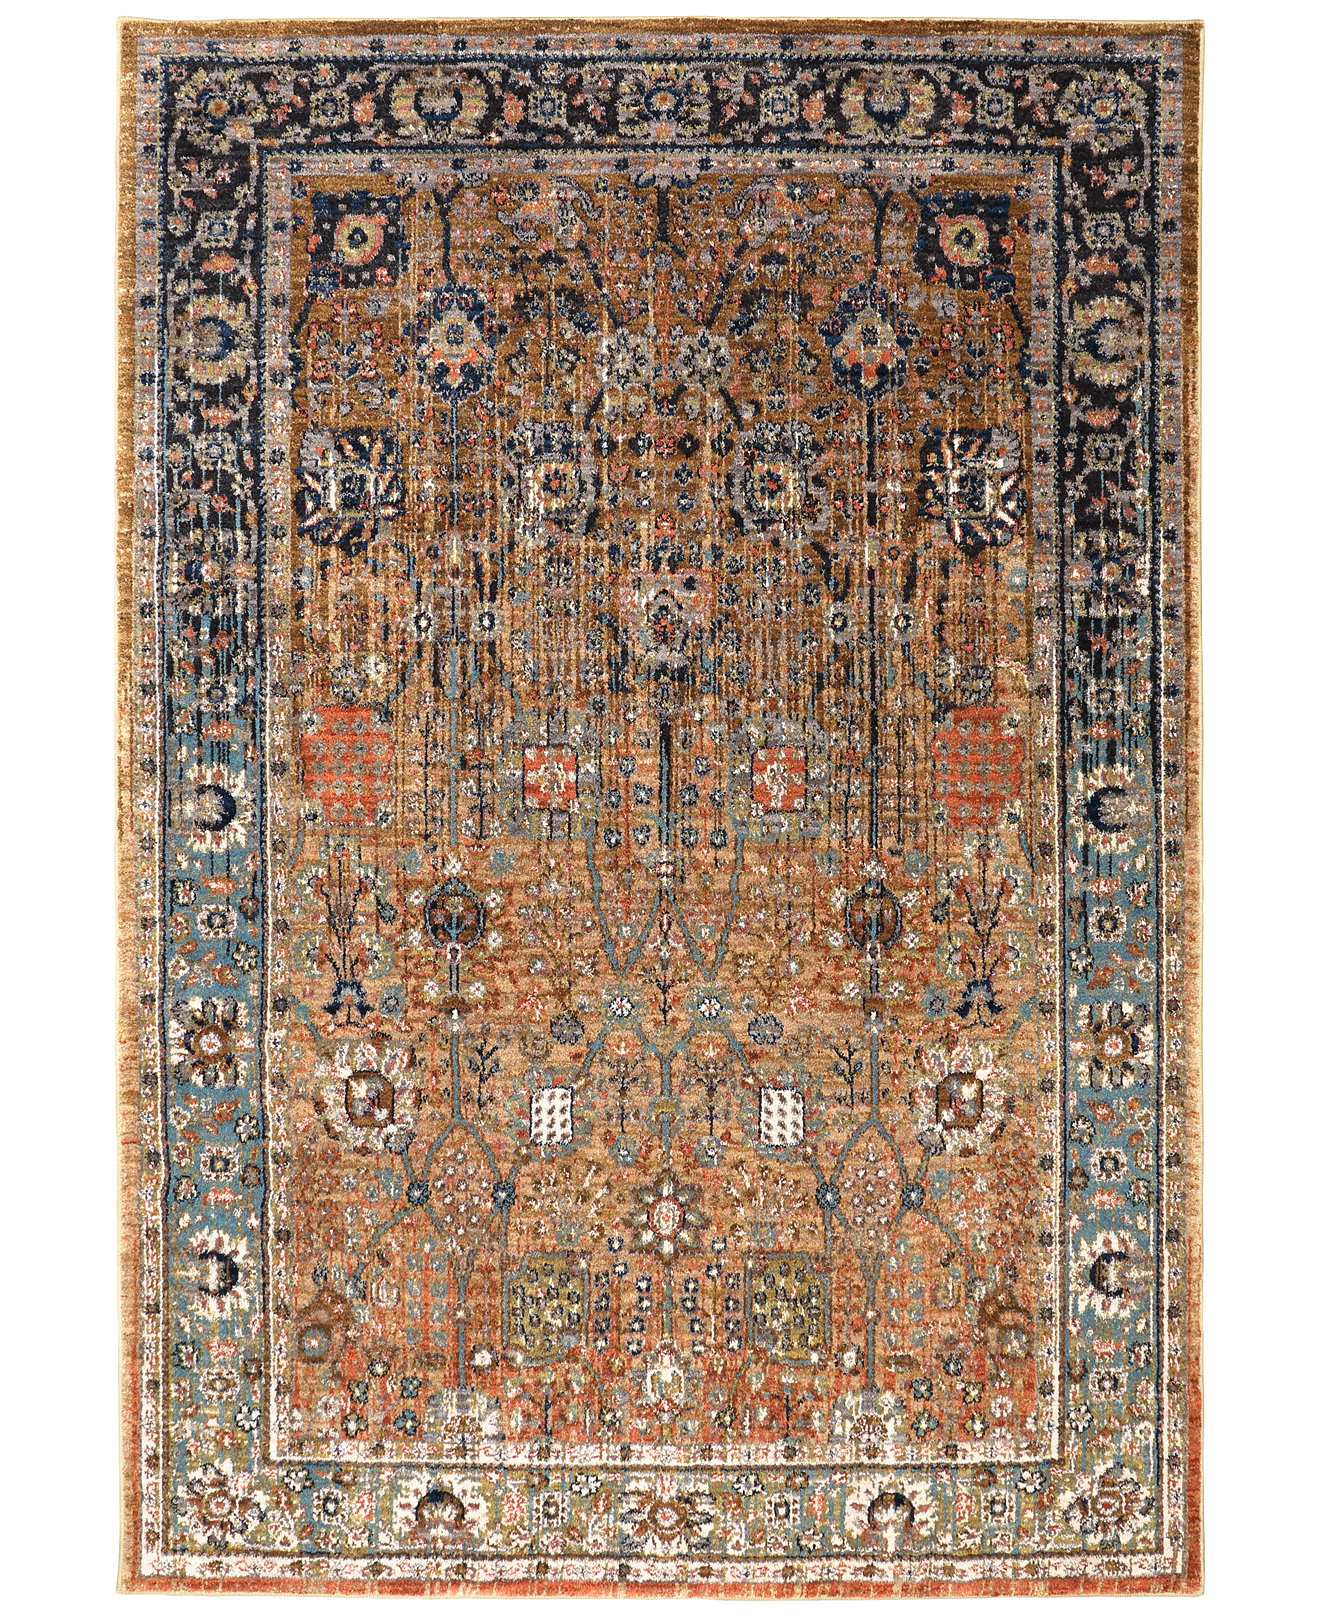 Karastan wool carpet cost meze blog for Wool berber carpet cost